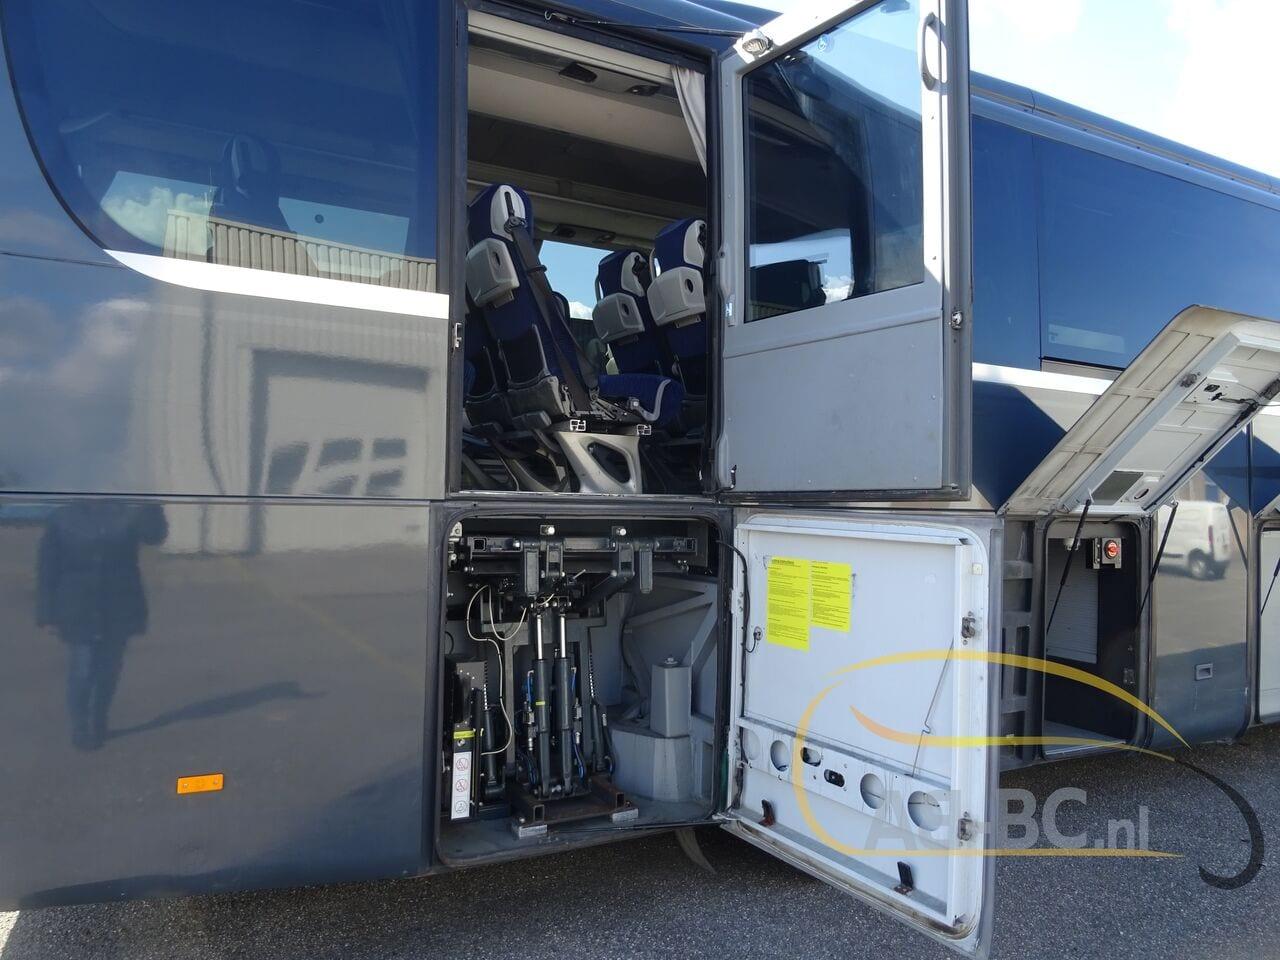 coach-busSETRA-S415-GT-HD-FINAL-EDITION-51-SEATS-LIFTBUS---1620381721334967871_big_149d8d6bad2e06ca2c2cfb40b98658e8--21050713010665719300